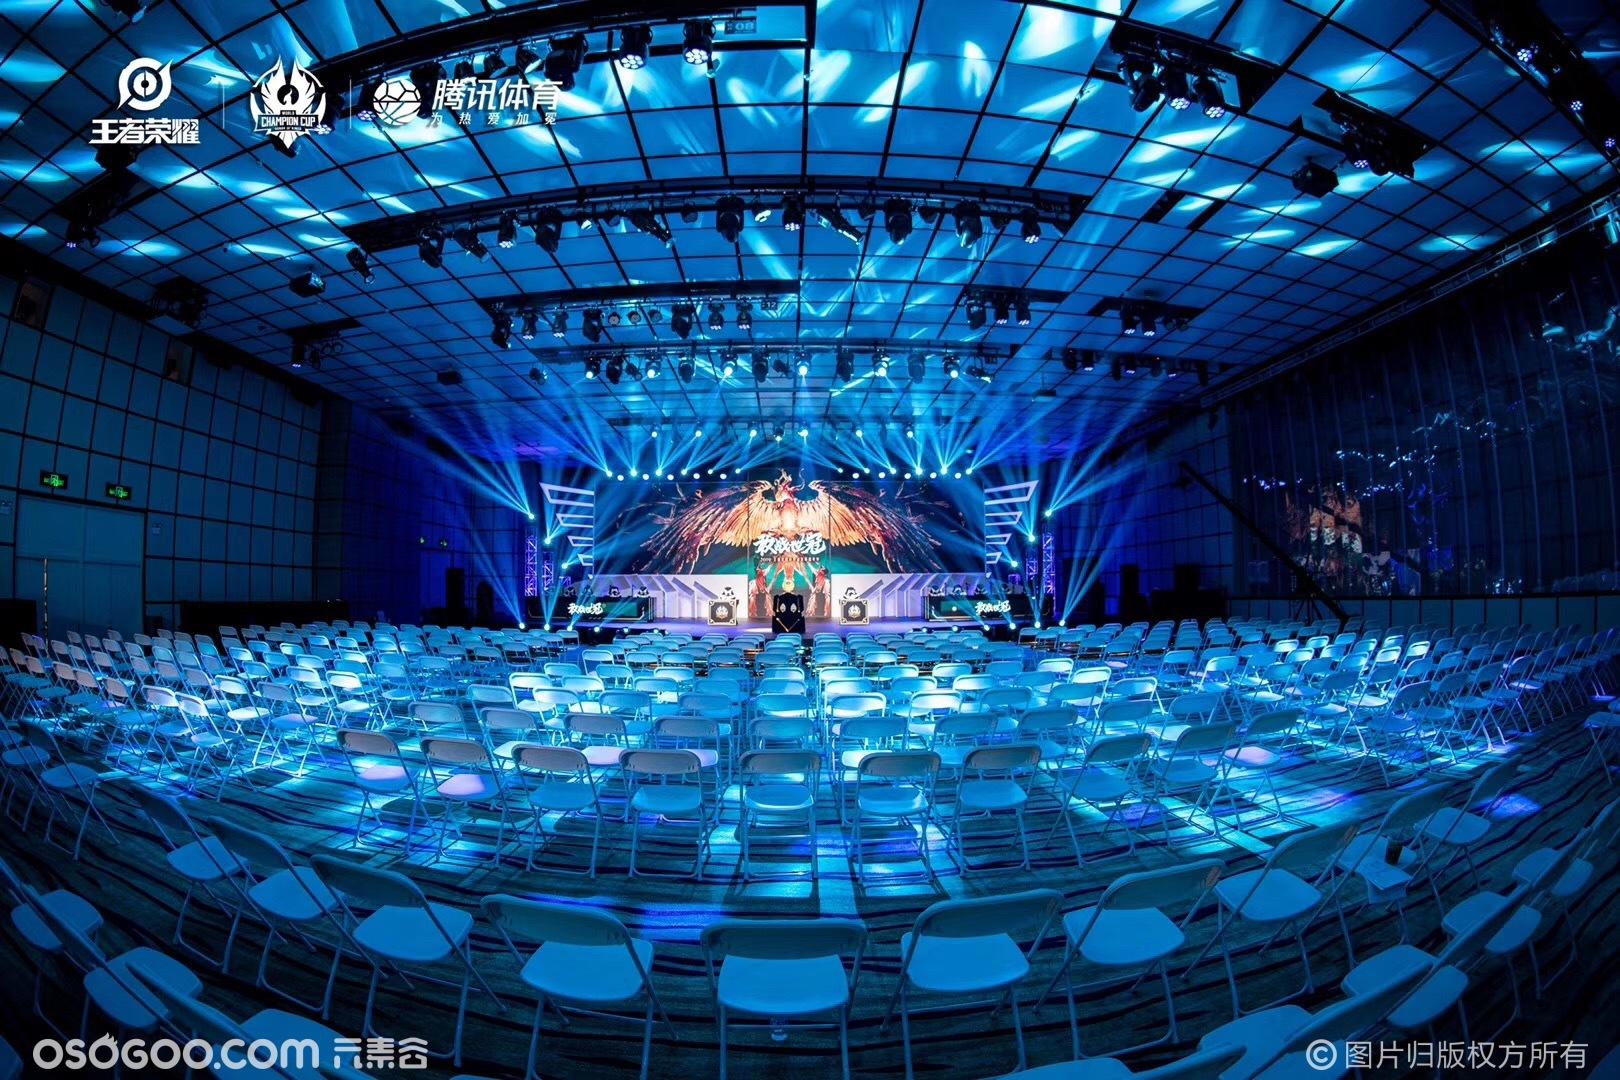 深圳罗湖区水贝核心商圈-格式时尚发布中心